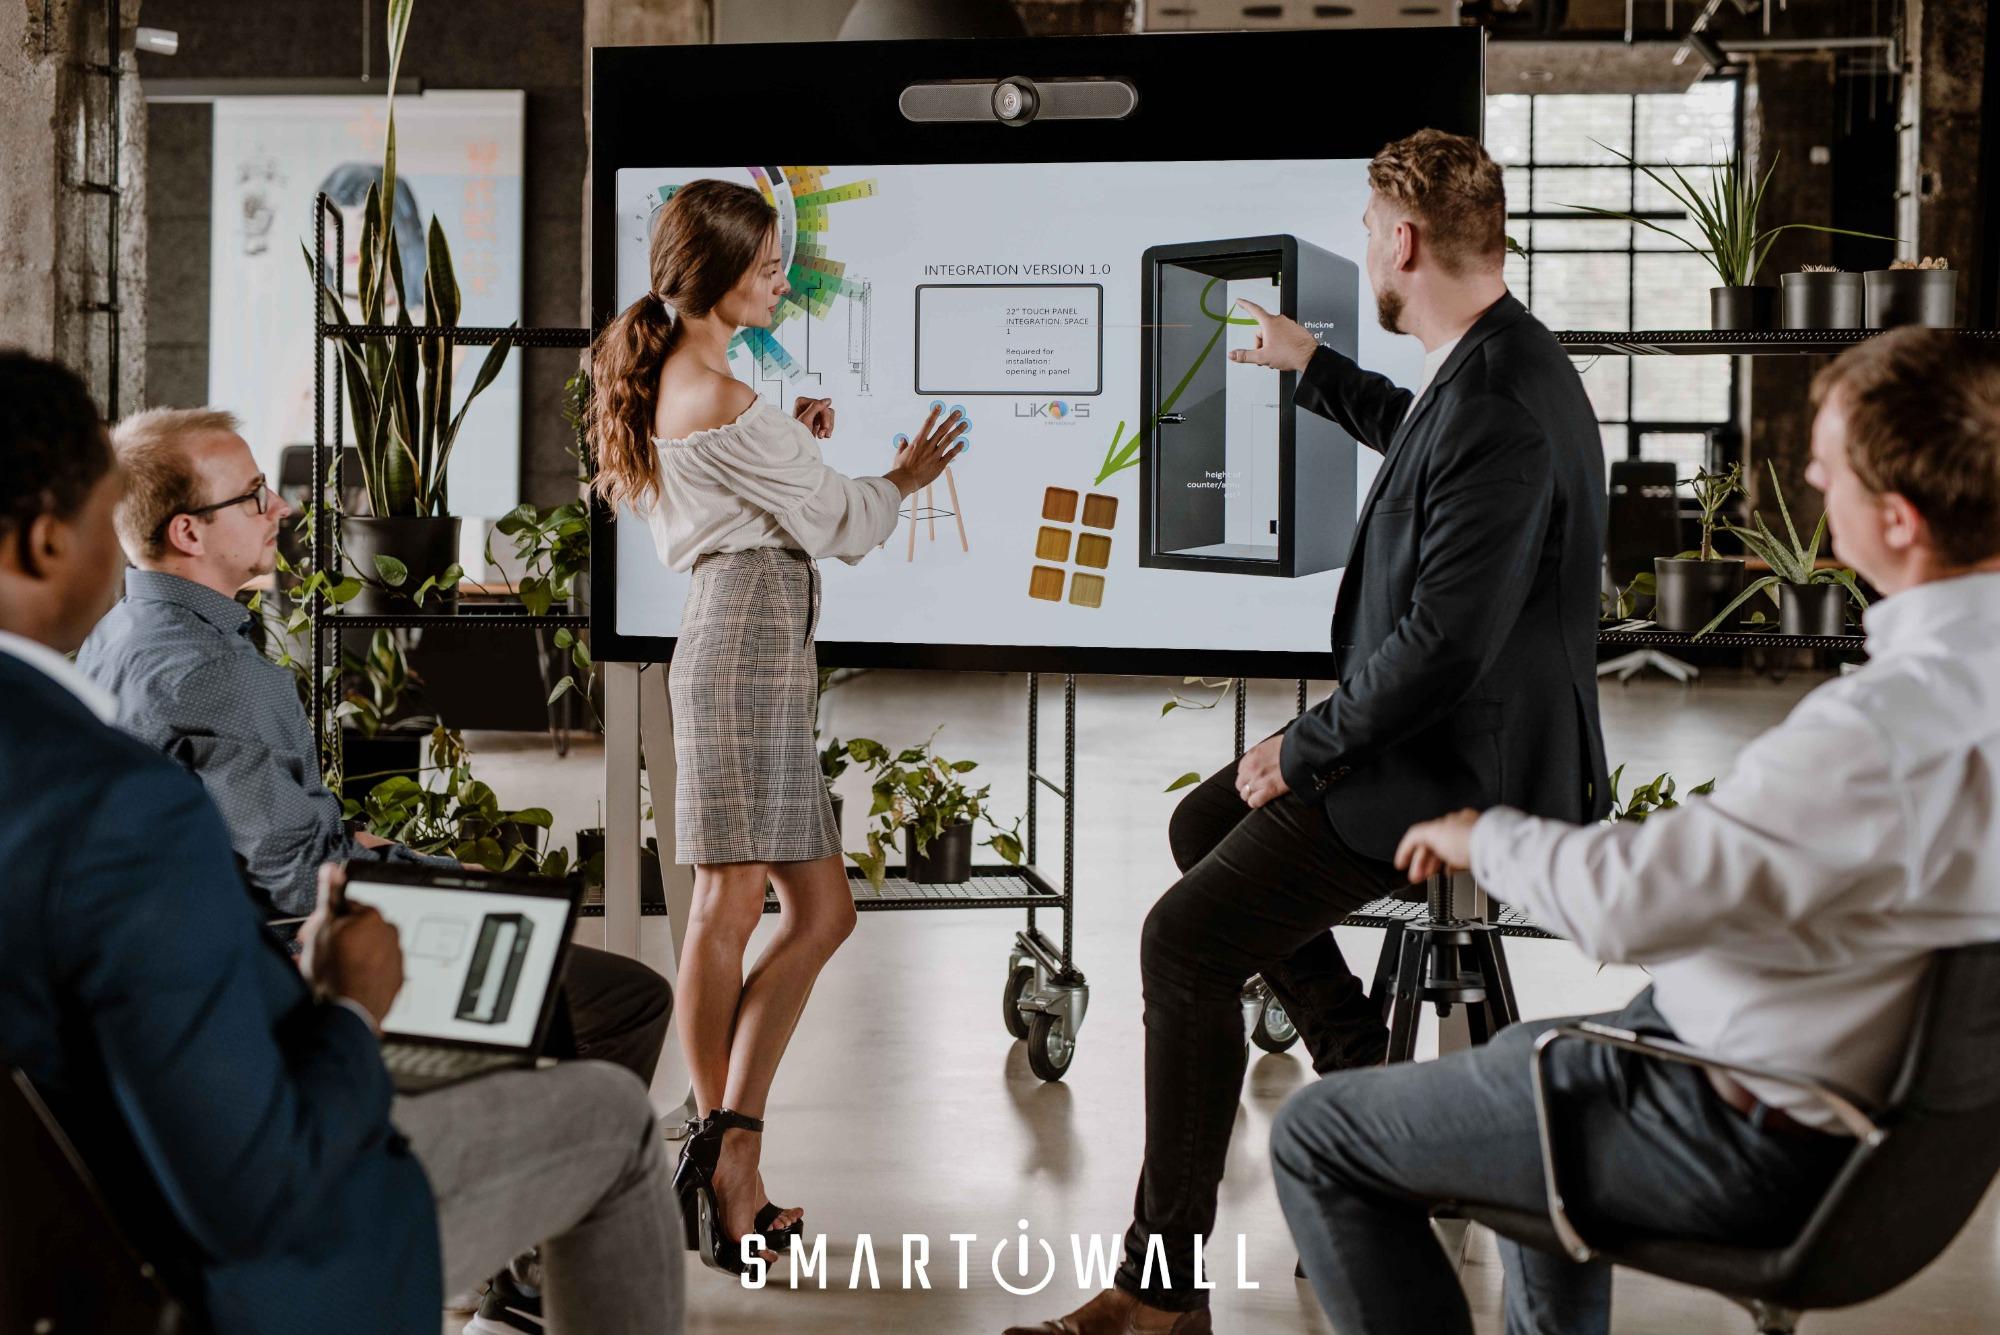 SMART-i-WALL®: Und Ihre nächste Videokonferenz findet nicht mehr über Laptop statt.